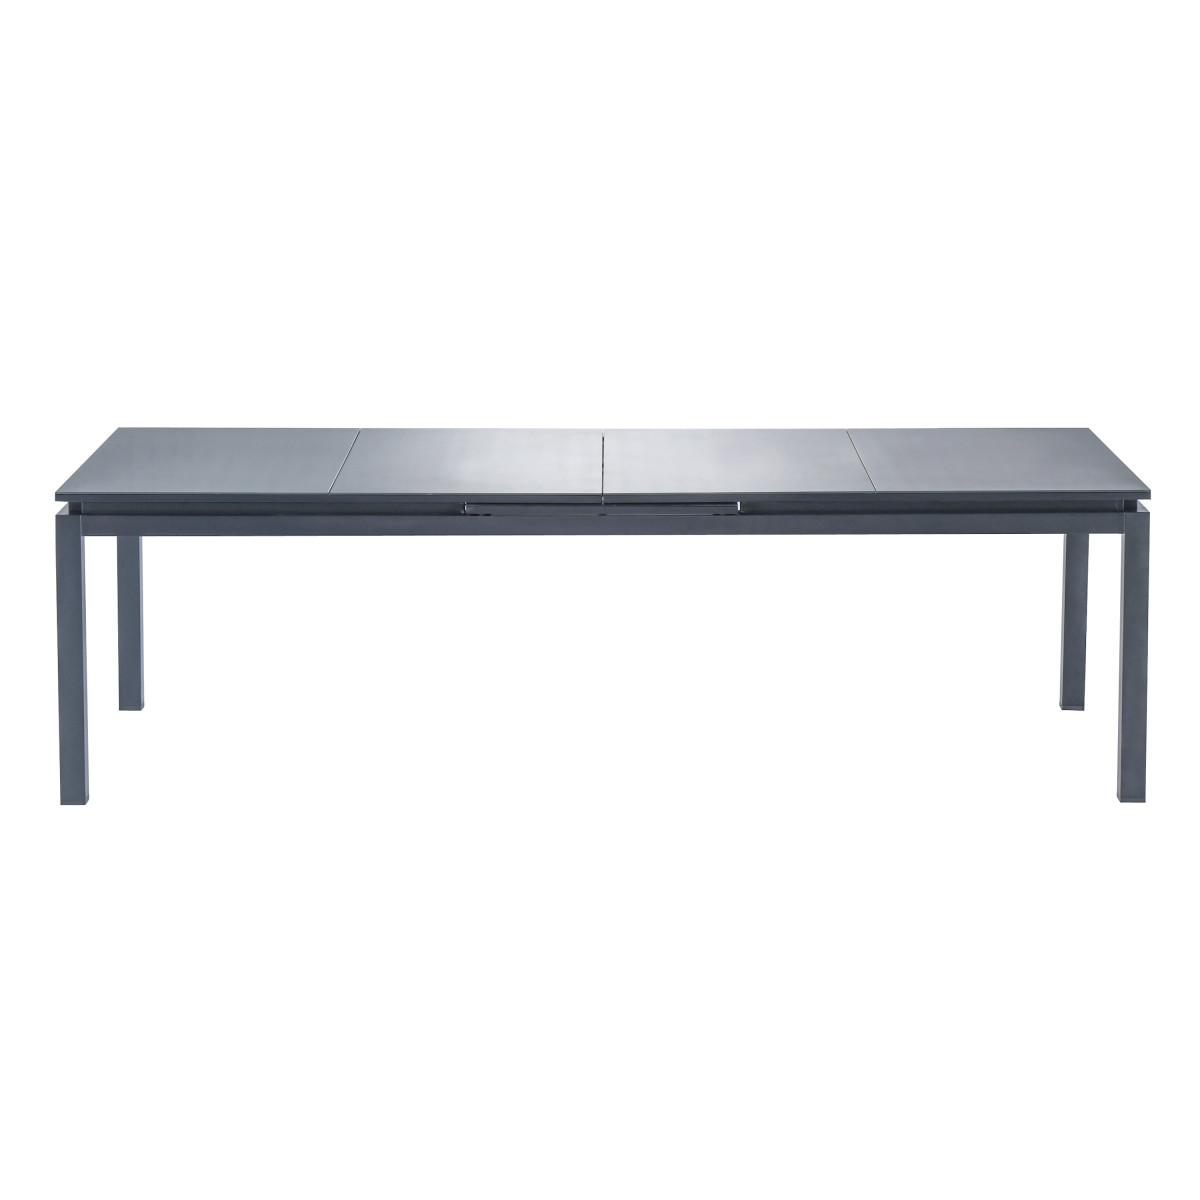 Стол садовый раздвижной Naterial Odissea Easy 256-320х90х76.5 см алюминий темно-серый